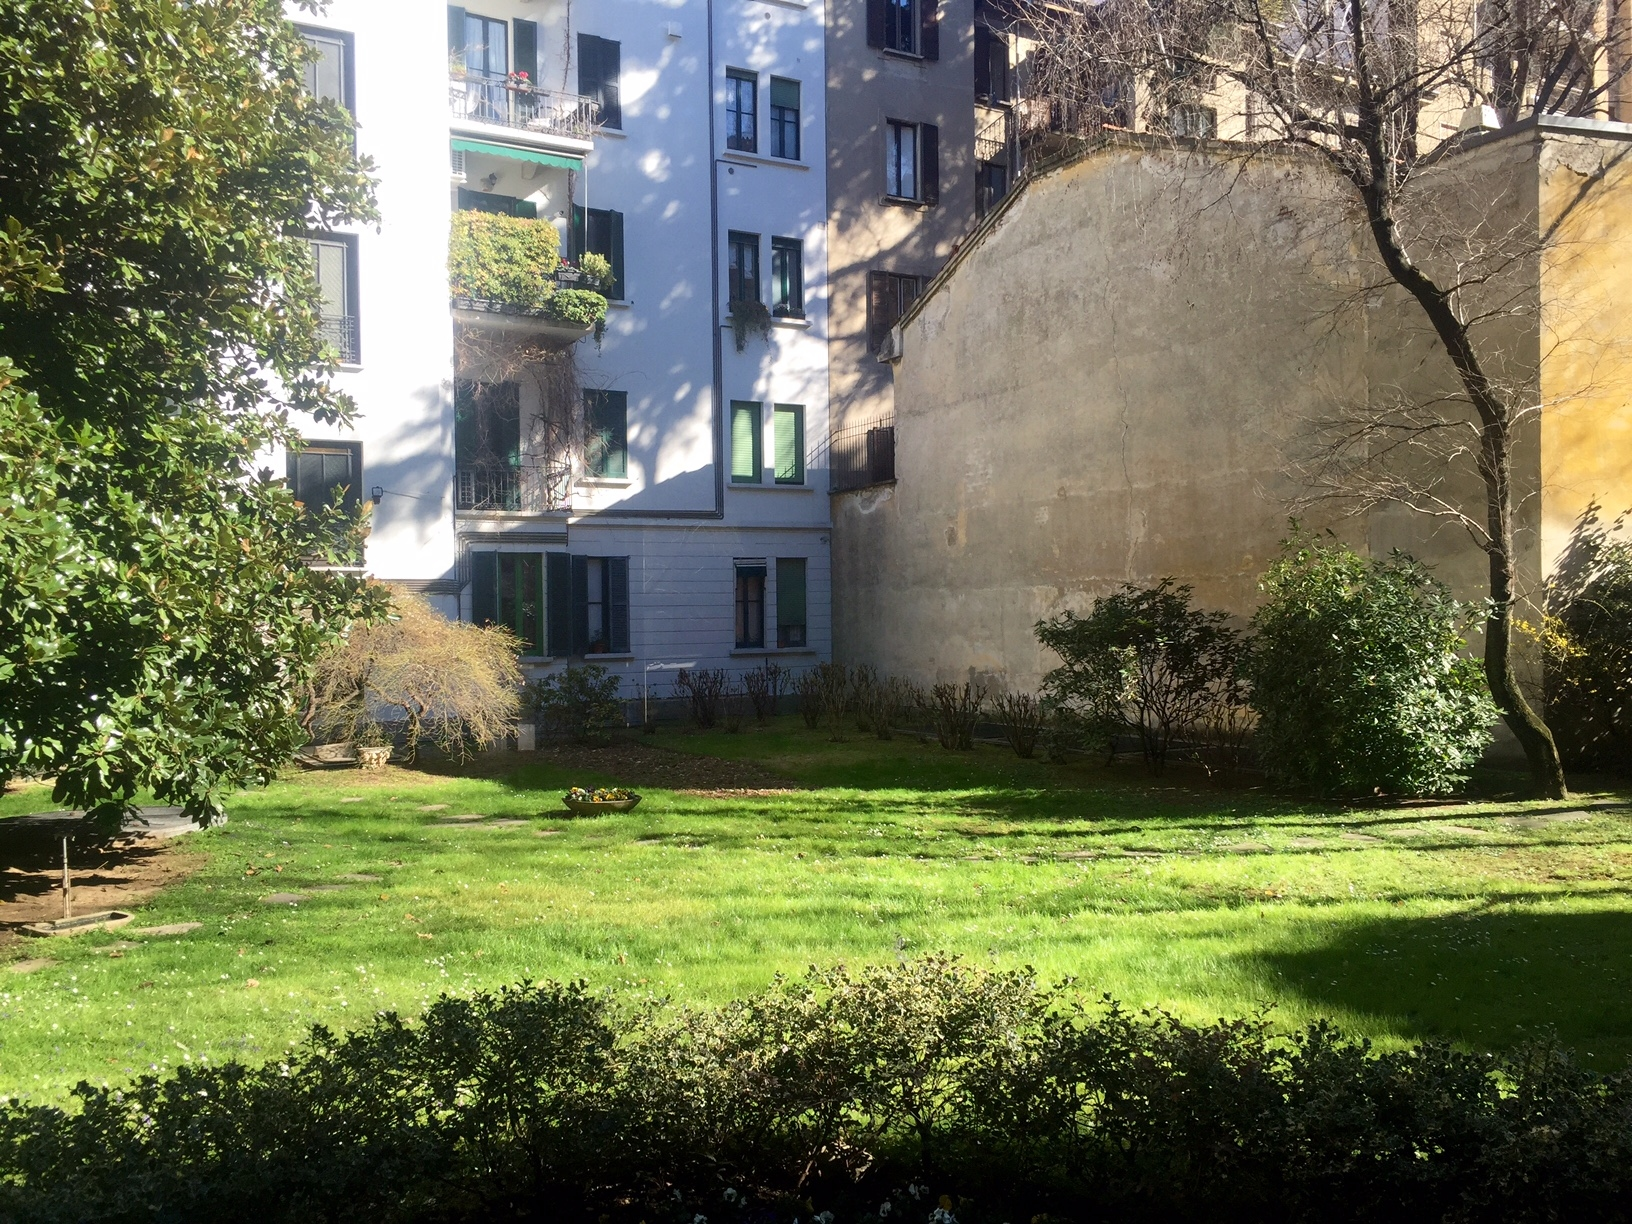 Cbi002 488 via sardegna 3l appartamento in affitto a for Affitto vercelli arredato